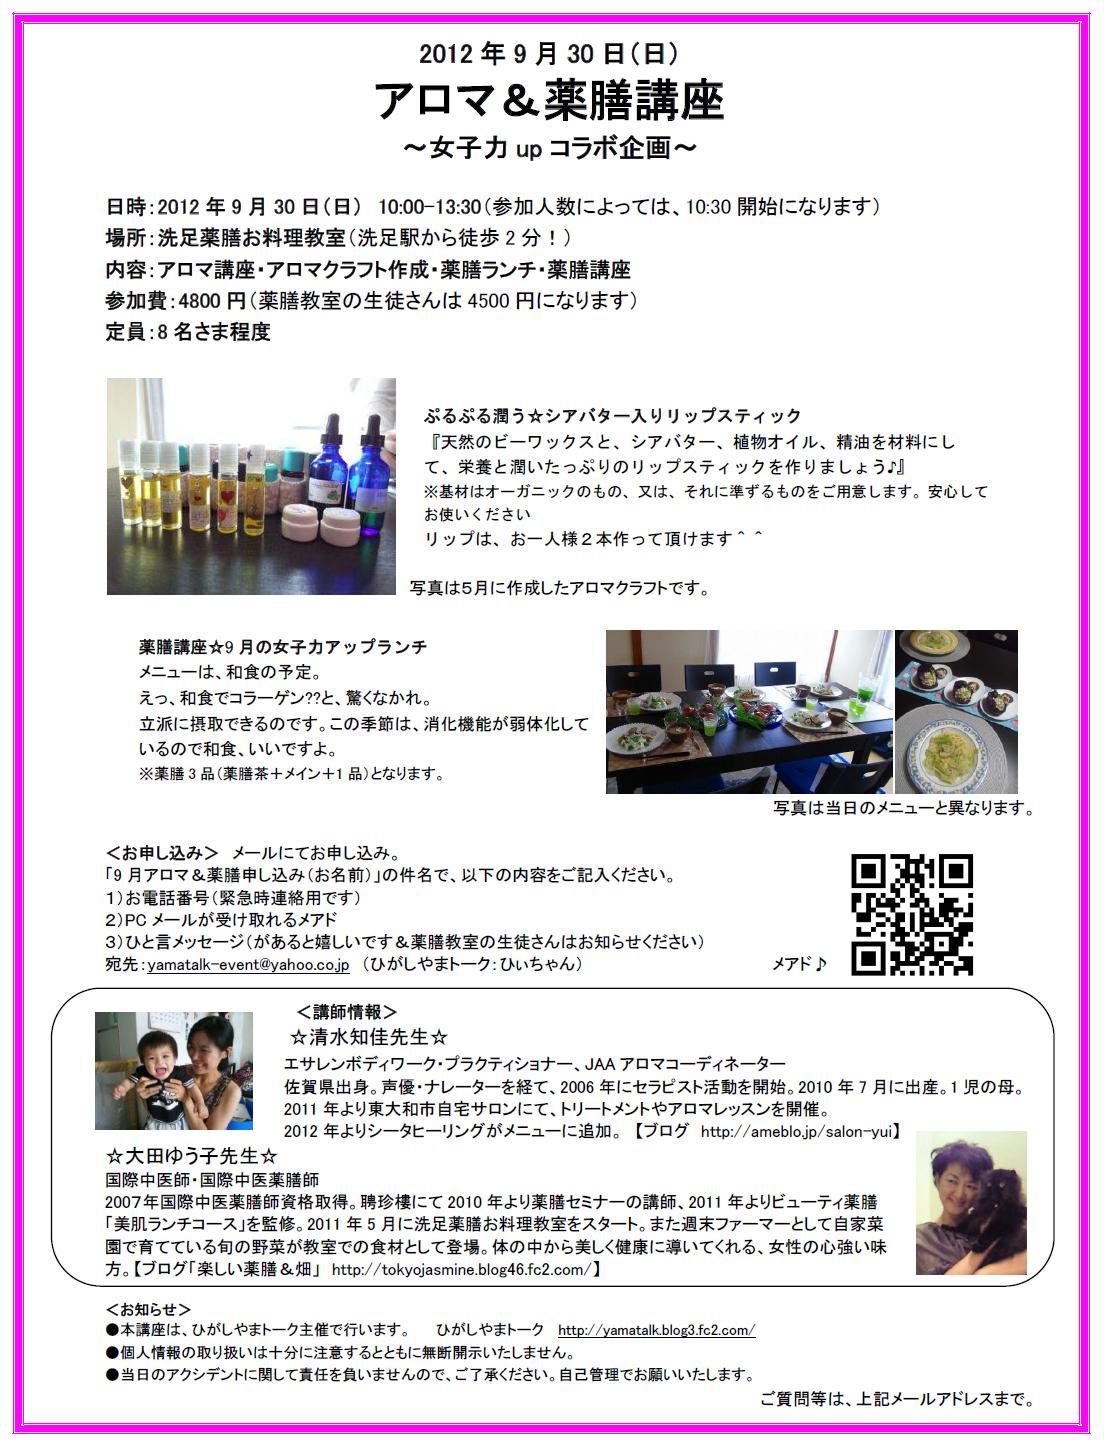 アロマ&薬膳コラボ企画_2012.9.30